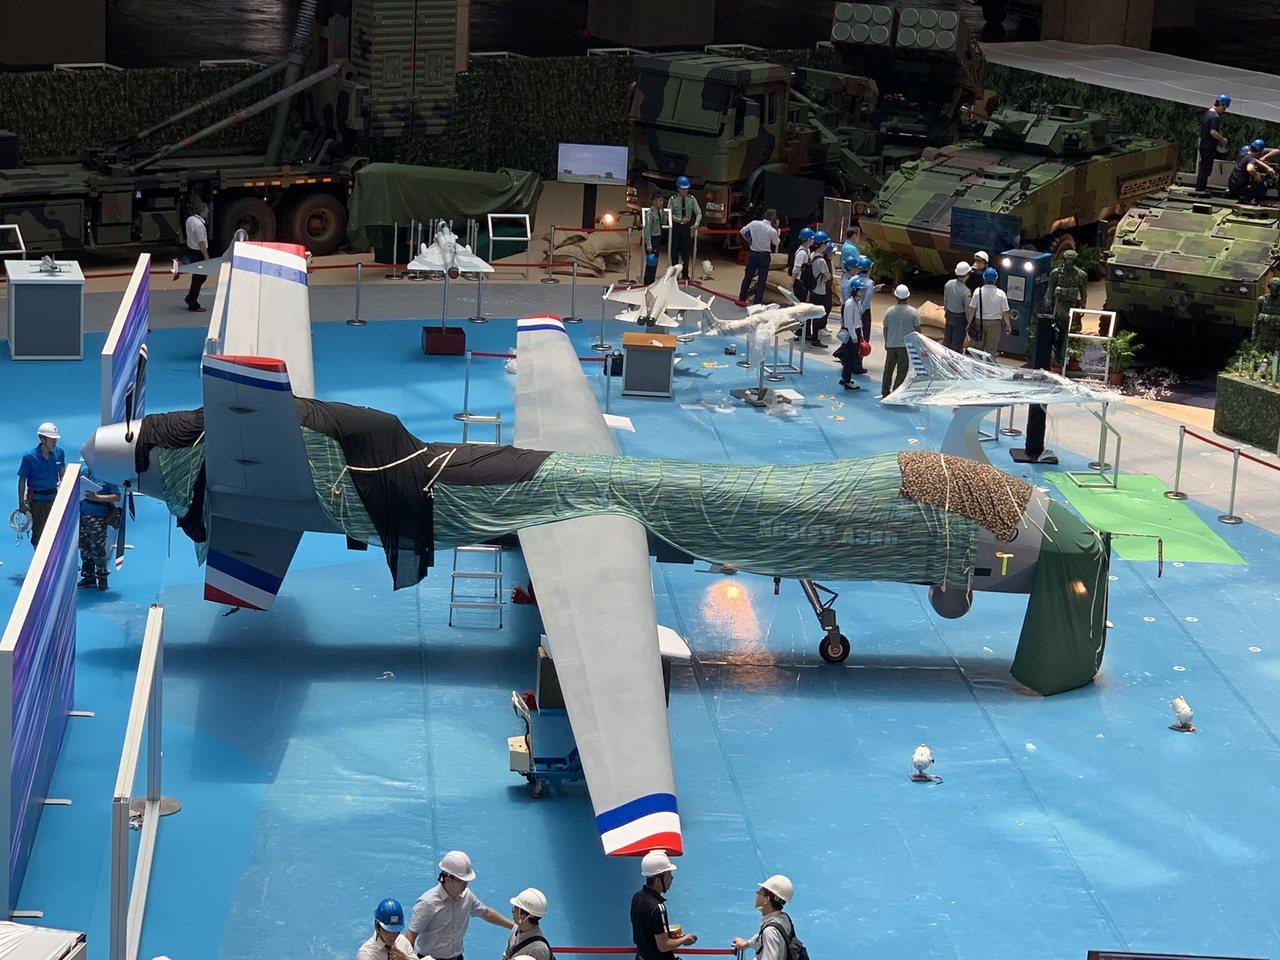 「國防館」將展出的大型無人機,目視並未有武器掛載點,現場説明強調機體屬「中高度、...